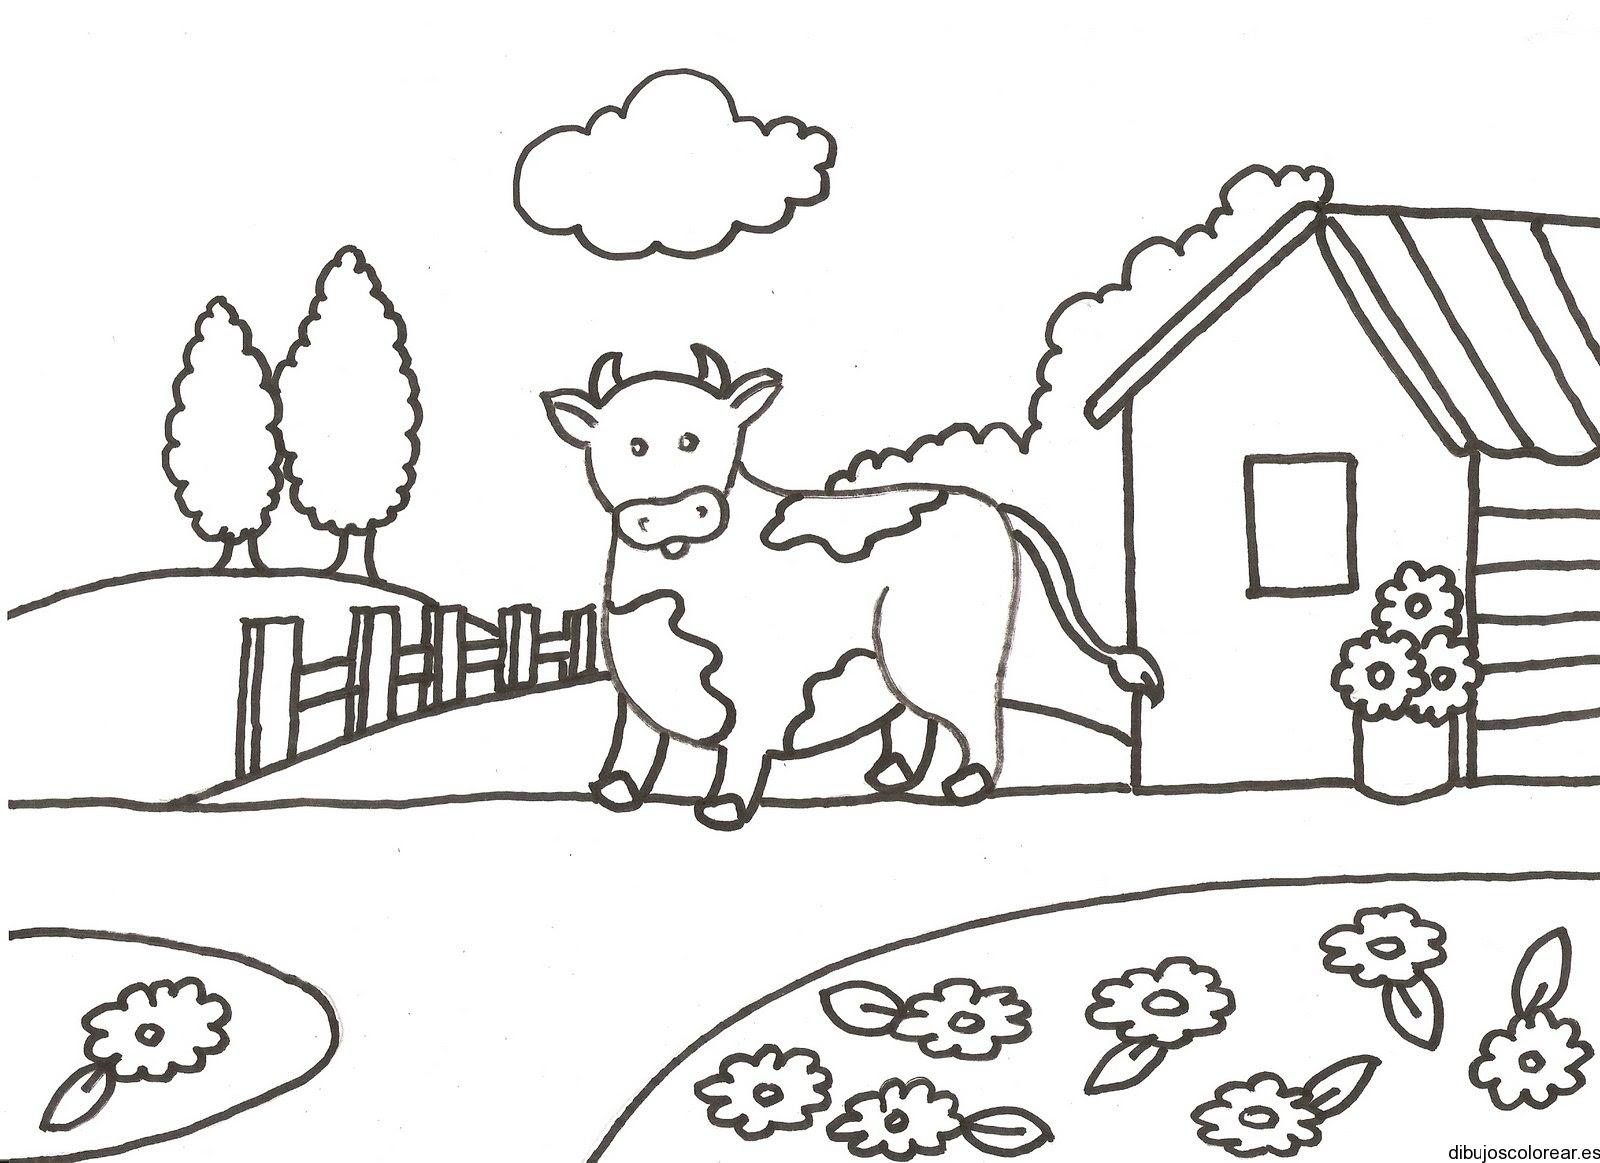 Dibujo De Una Vaca En Su Corral